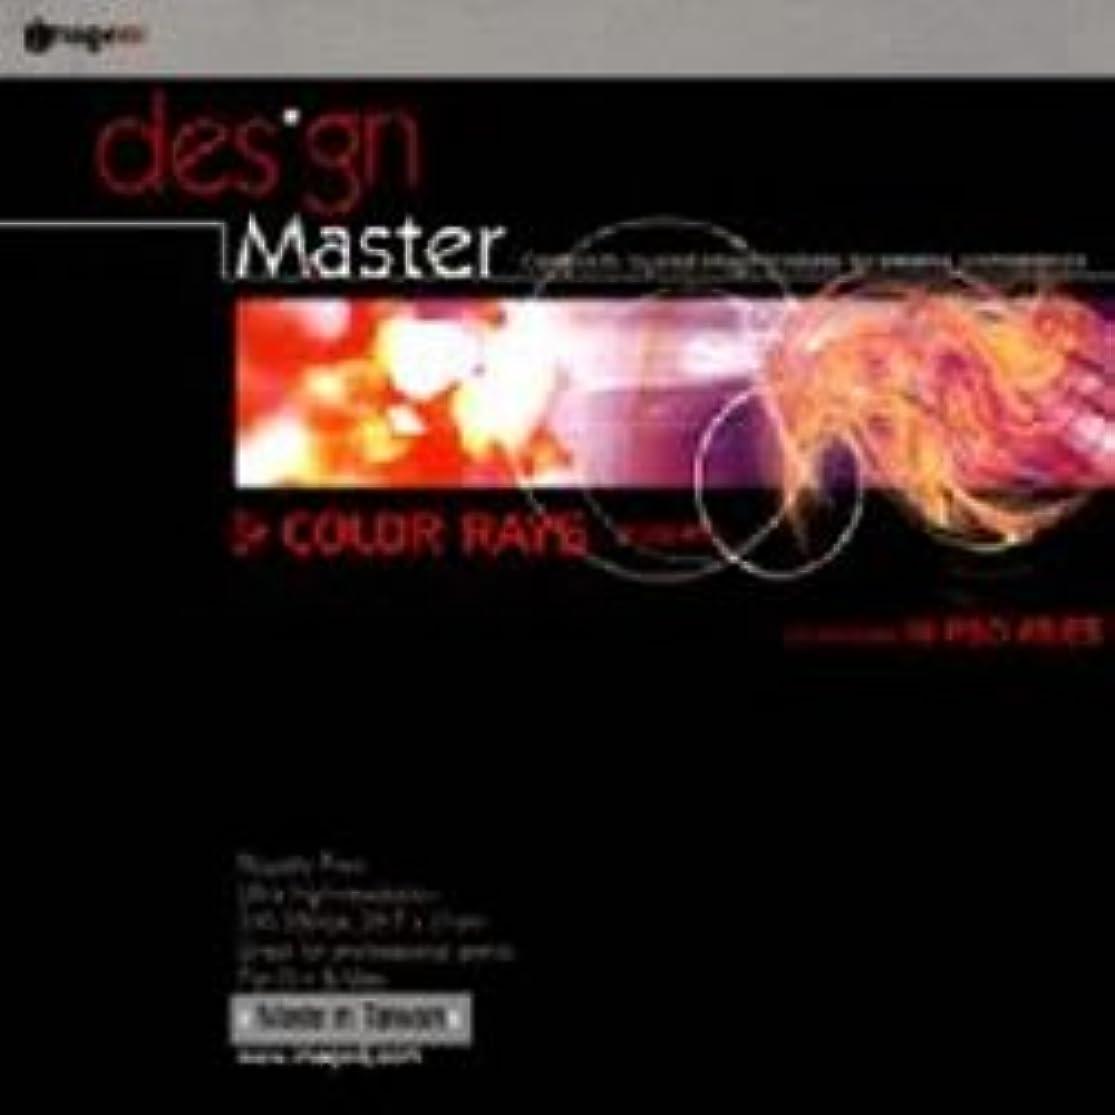 充電逃すオーストラリアデザイン マスター Vol.2 色彩光線